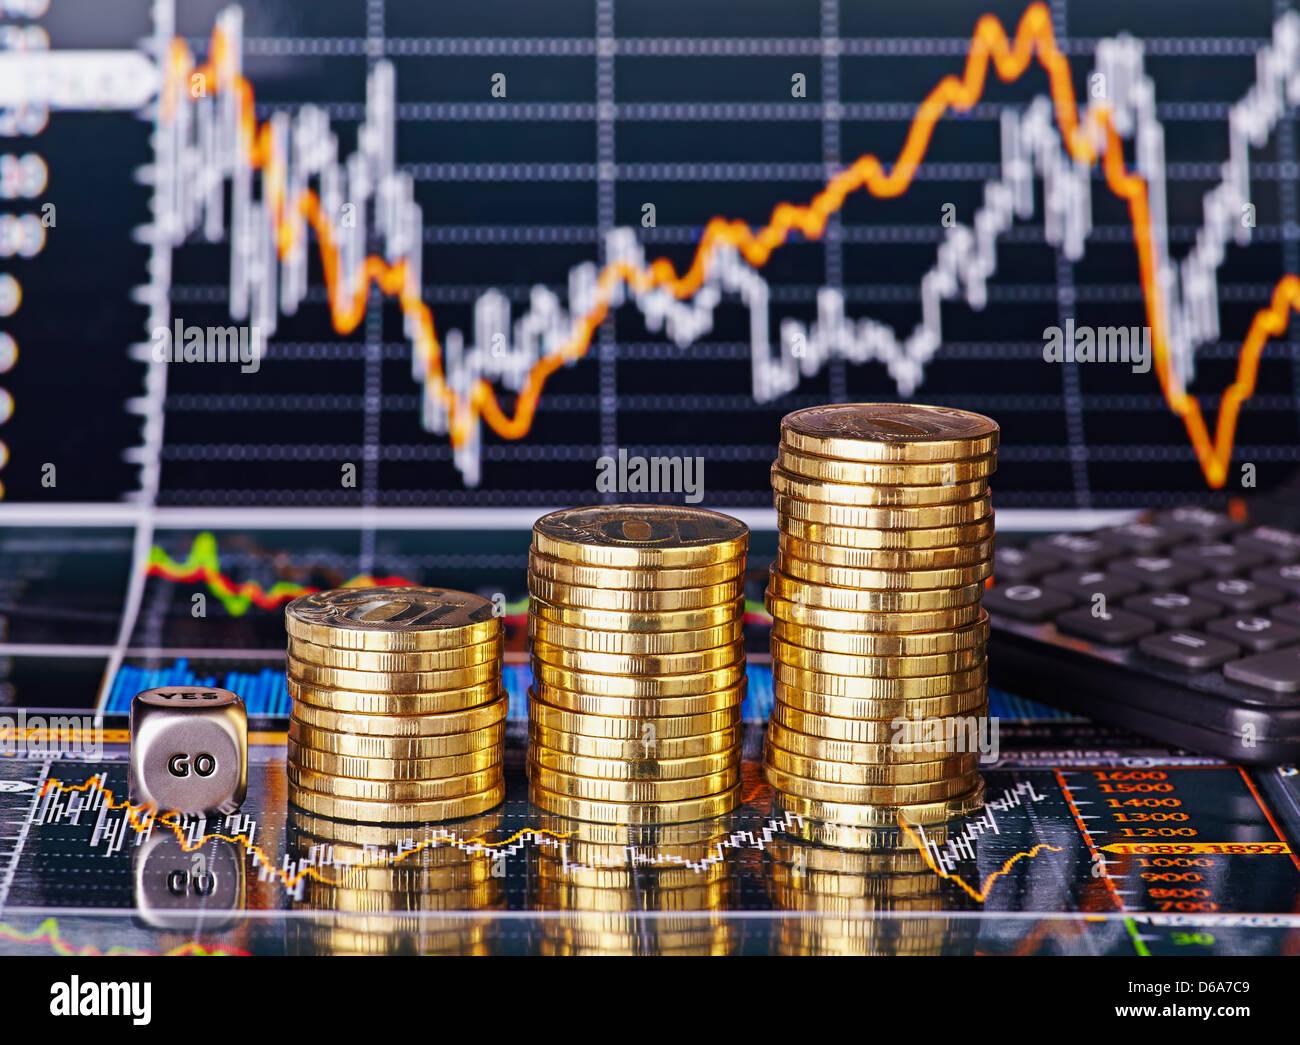 Subida apila monedas, cubos cubo con la palabra GO y calculadora de los gráficos de cotizaciones financieras como fondo. Enfoque selectivo Foto de stock